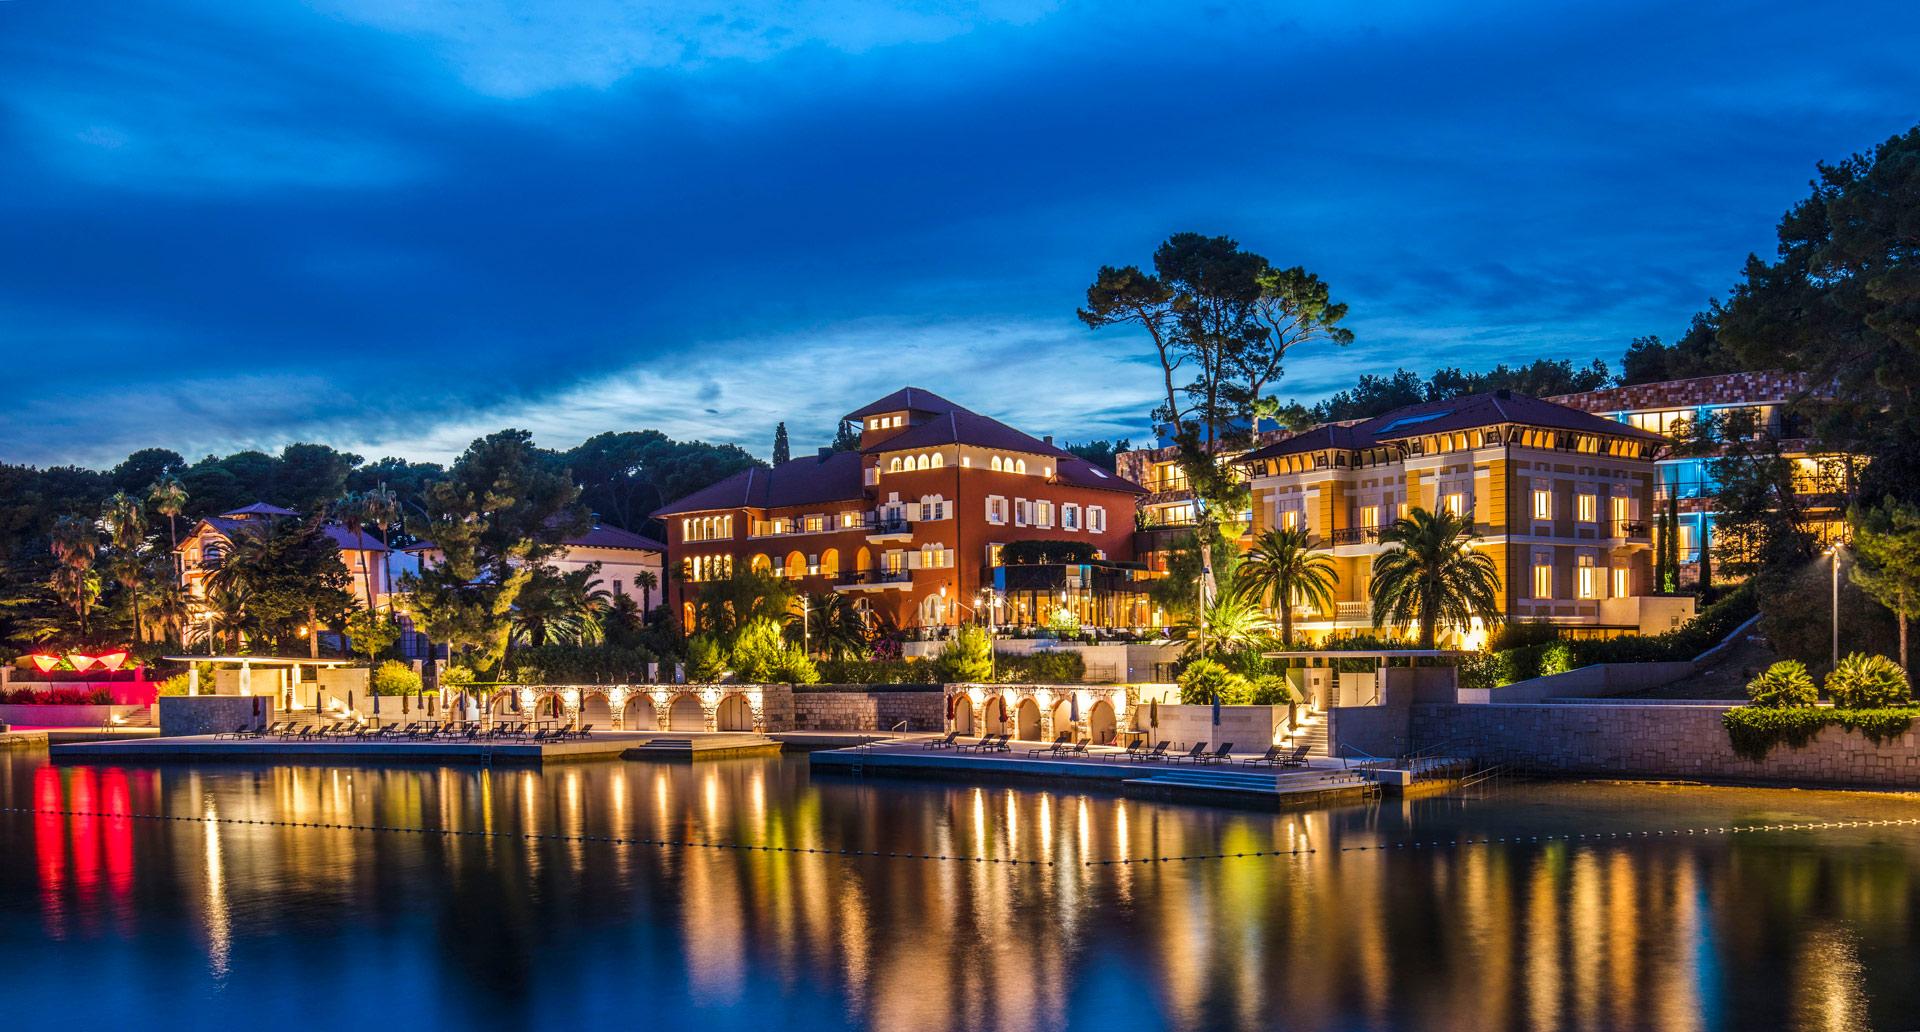 fotografija hotela, eksterijer noću